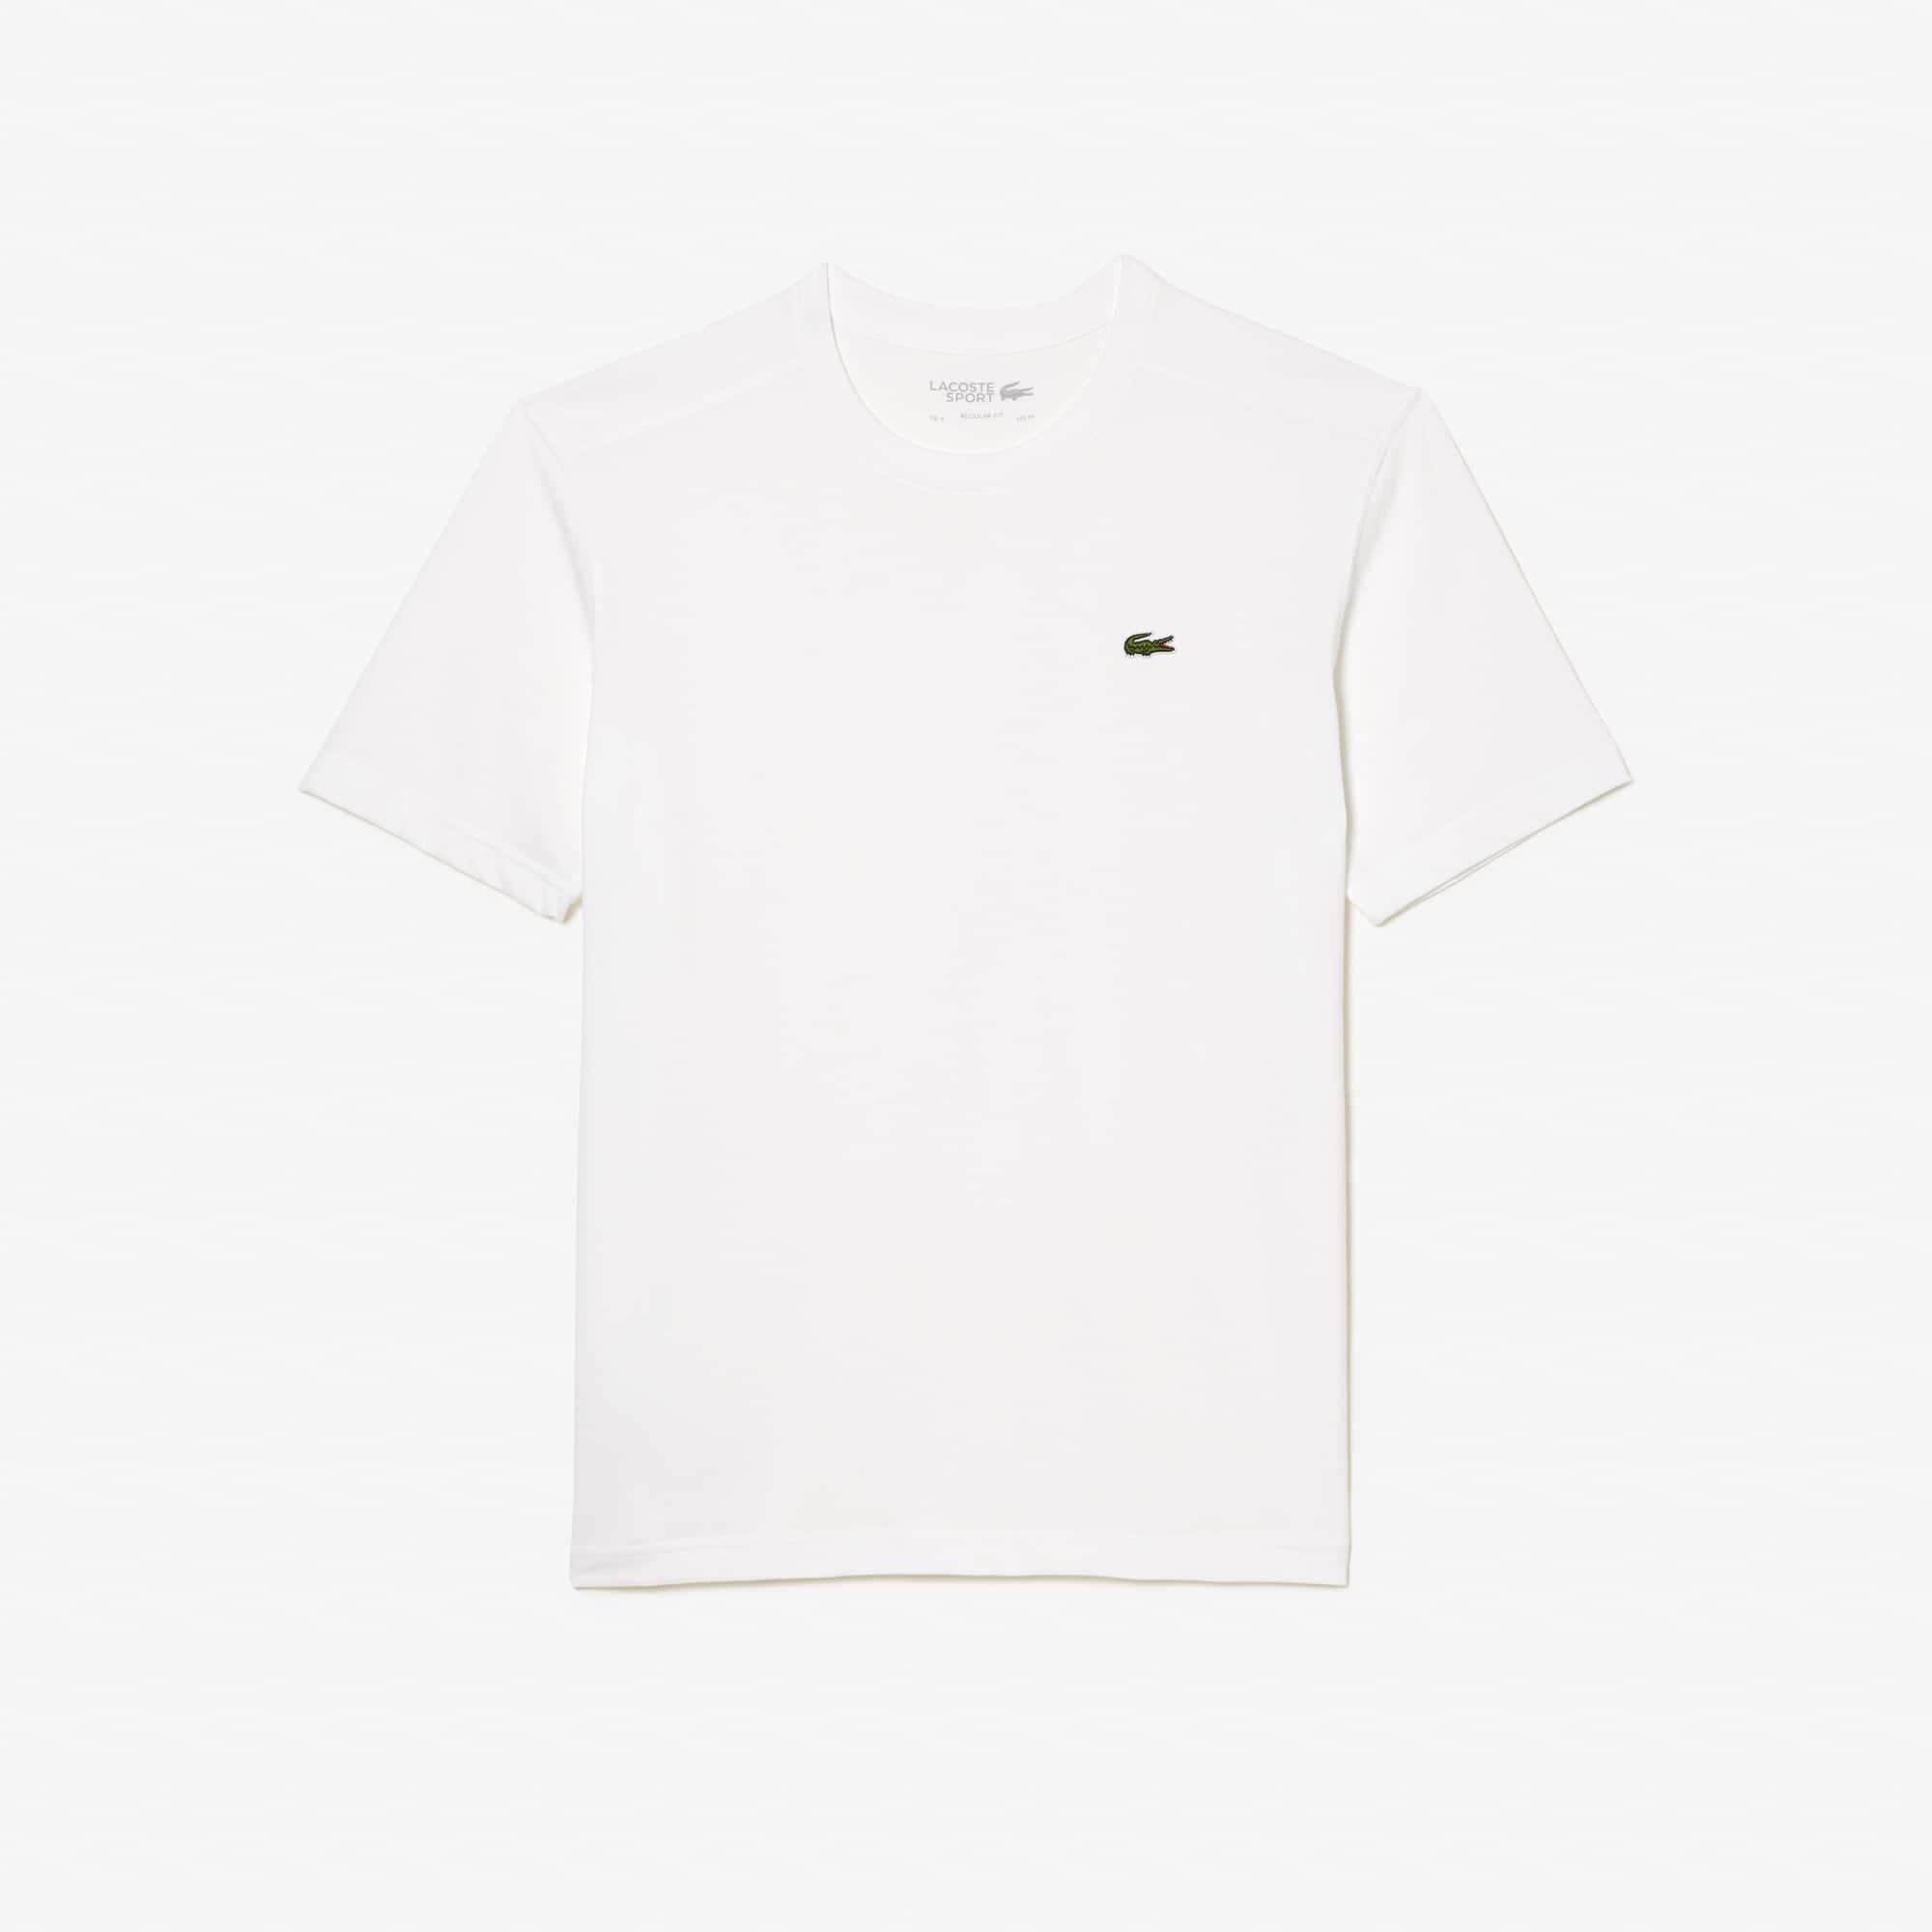 Lacoste Tennis T-Shirt mit Rundhalsausschnitt aus einfarbigem technischem Jersey